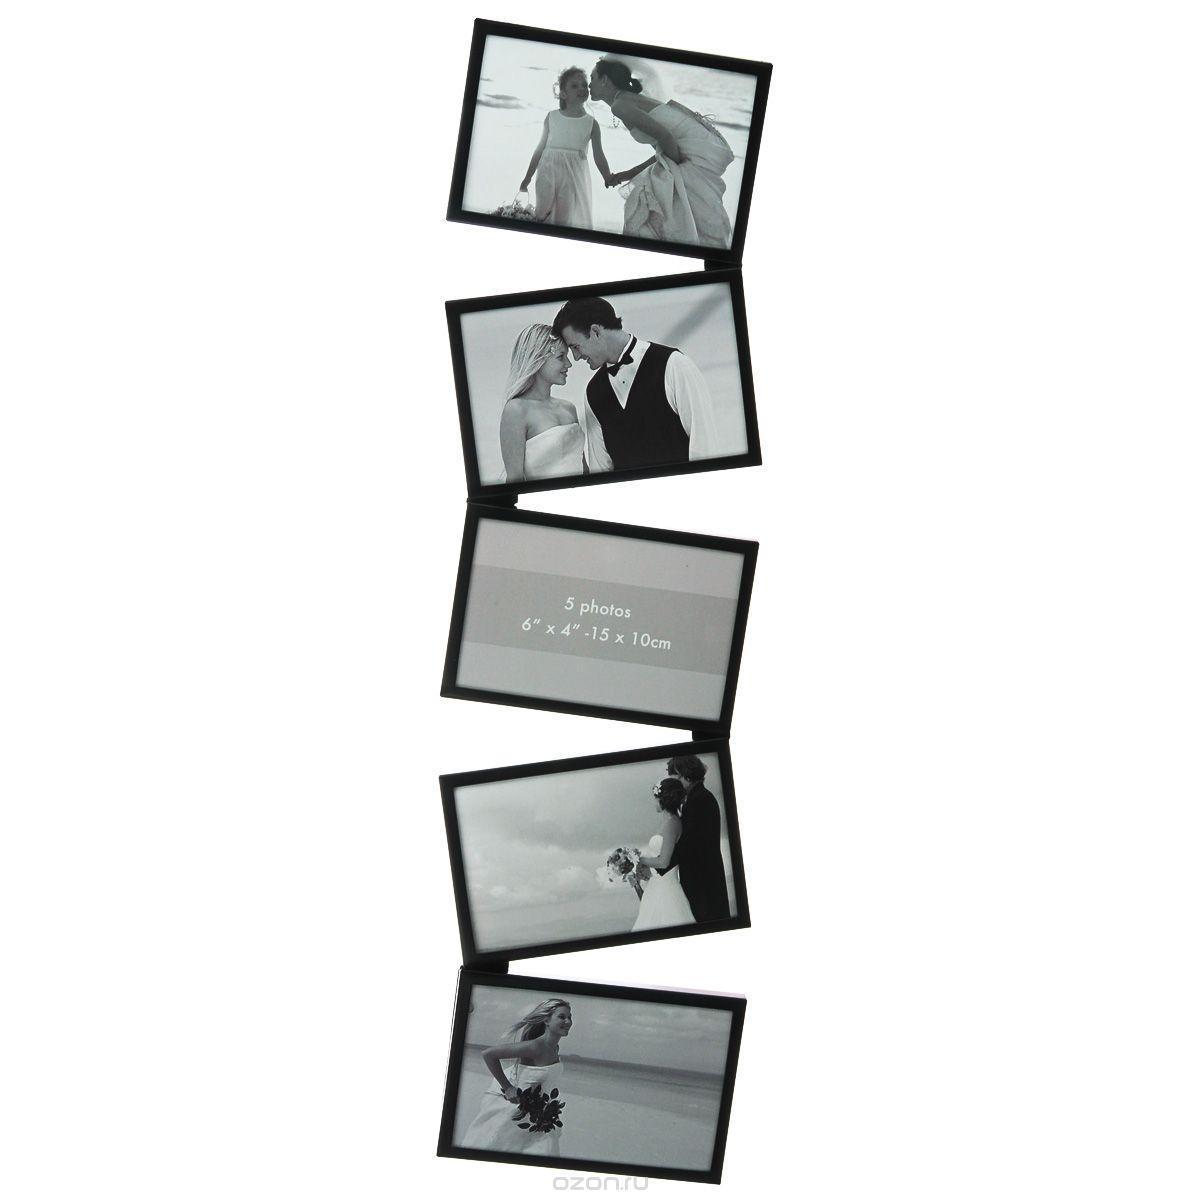 Фоторамка Image Art 6045/5-4B6045/5-4BФоторамка Image Art - прекрасный способ красиво оформить ваши фотографии. Изделие рассчитано на 5 фотографий. Фоторамка выполнена из металла и защищена стеклом. Фоторамку можно поставить на стол или подвесить на стену, для чего с задней стороны предусмотрены специальные отверстия. Такая фоторамка поможет сохранить на память самые яркие моменты вашей жизни, а стильный дизайн сделает ее прекрасным дополнением интерьера.